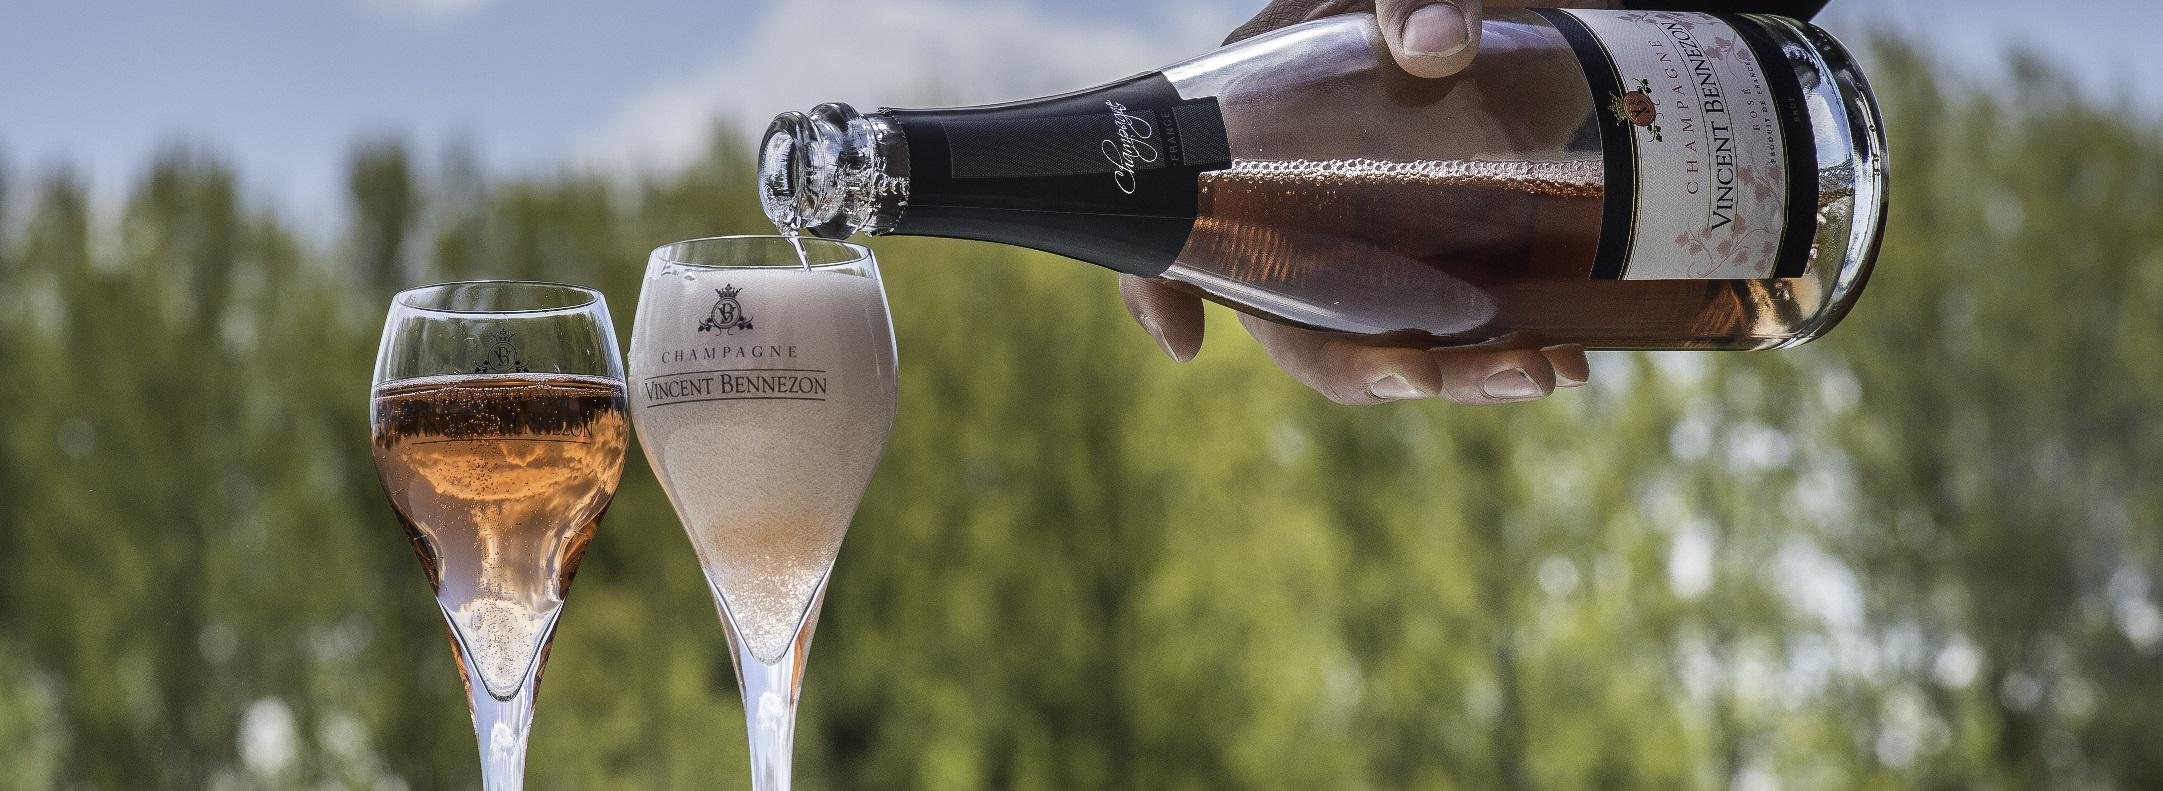 Champagne Vincent Bennezon